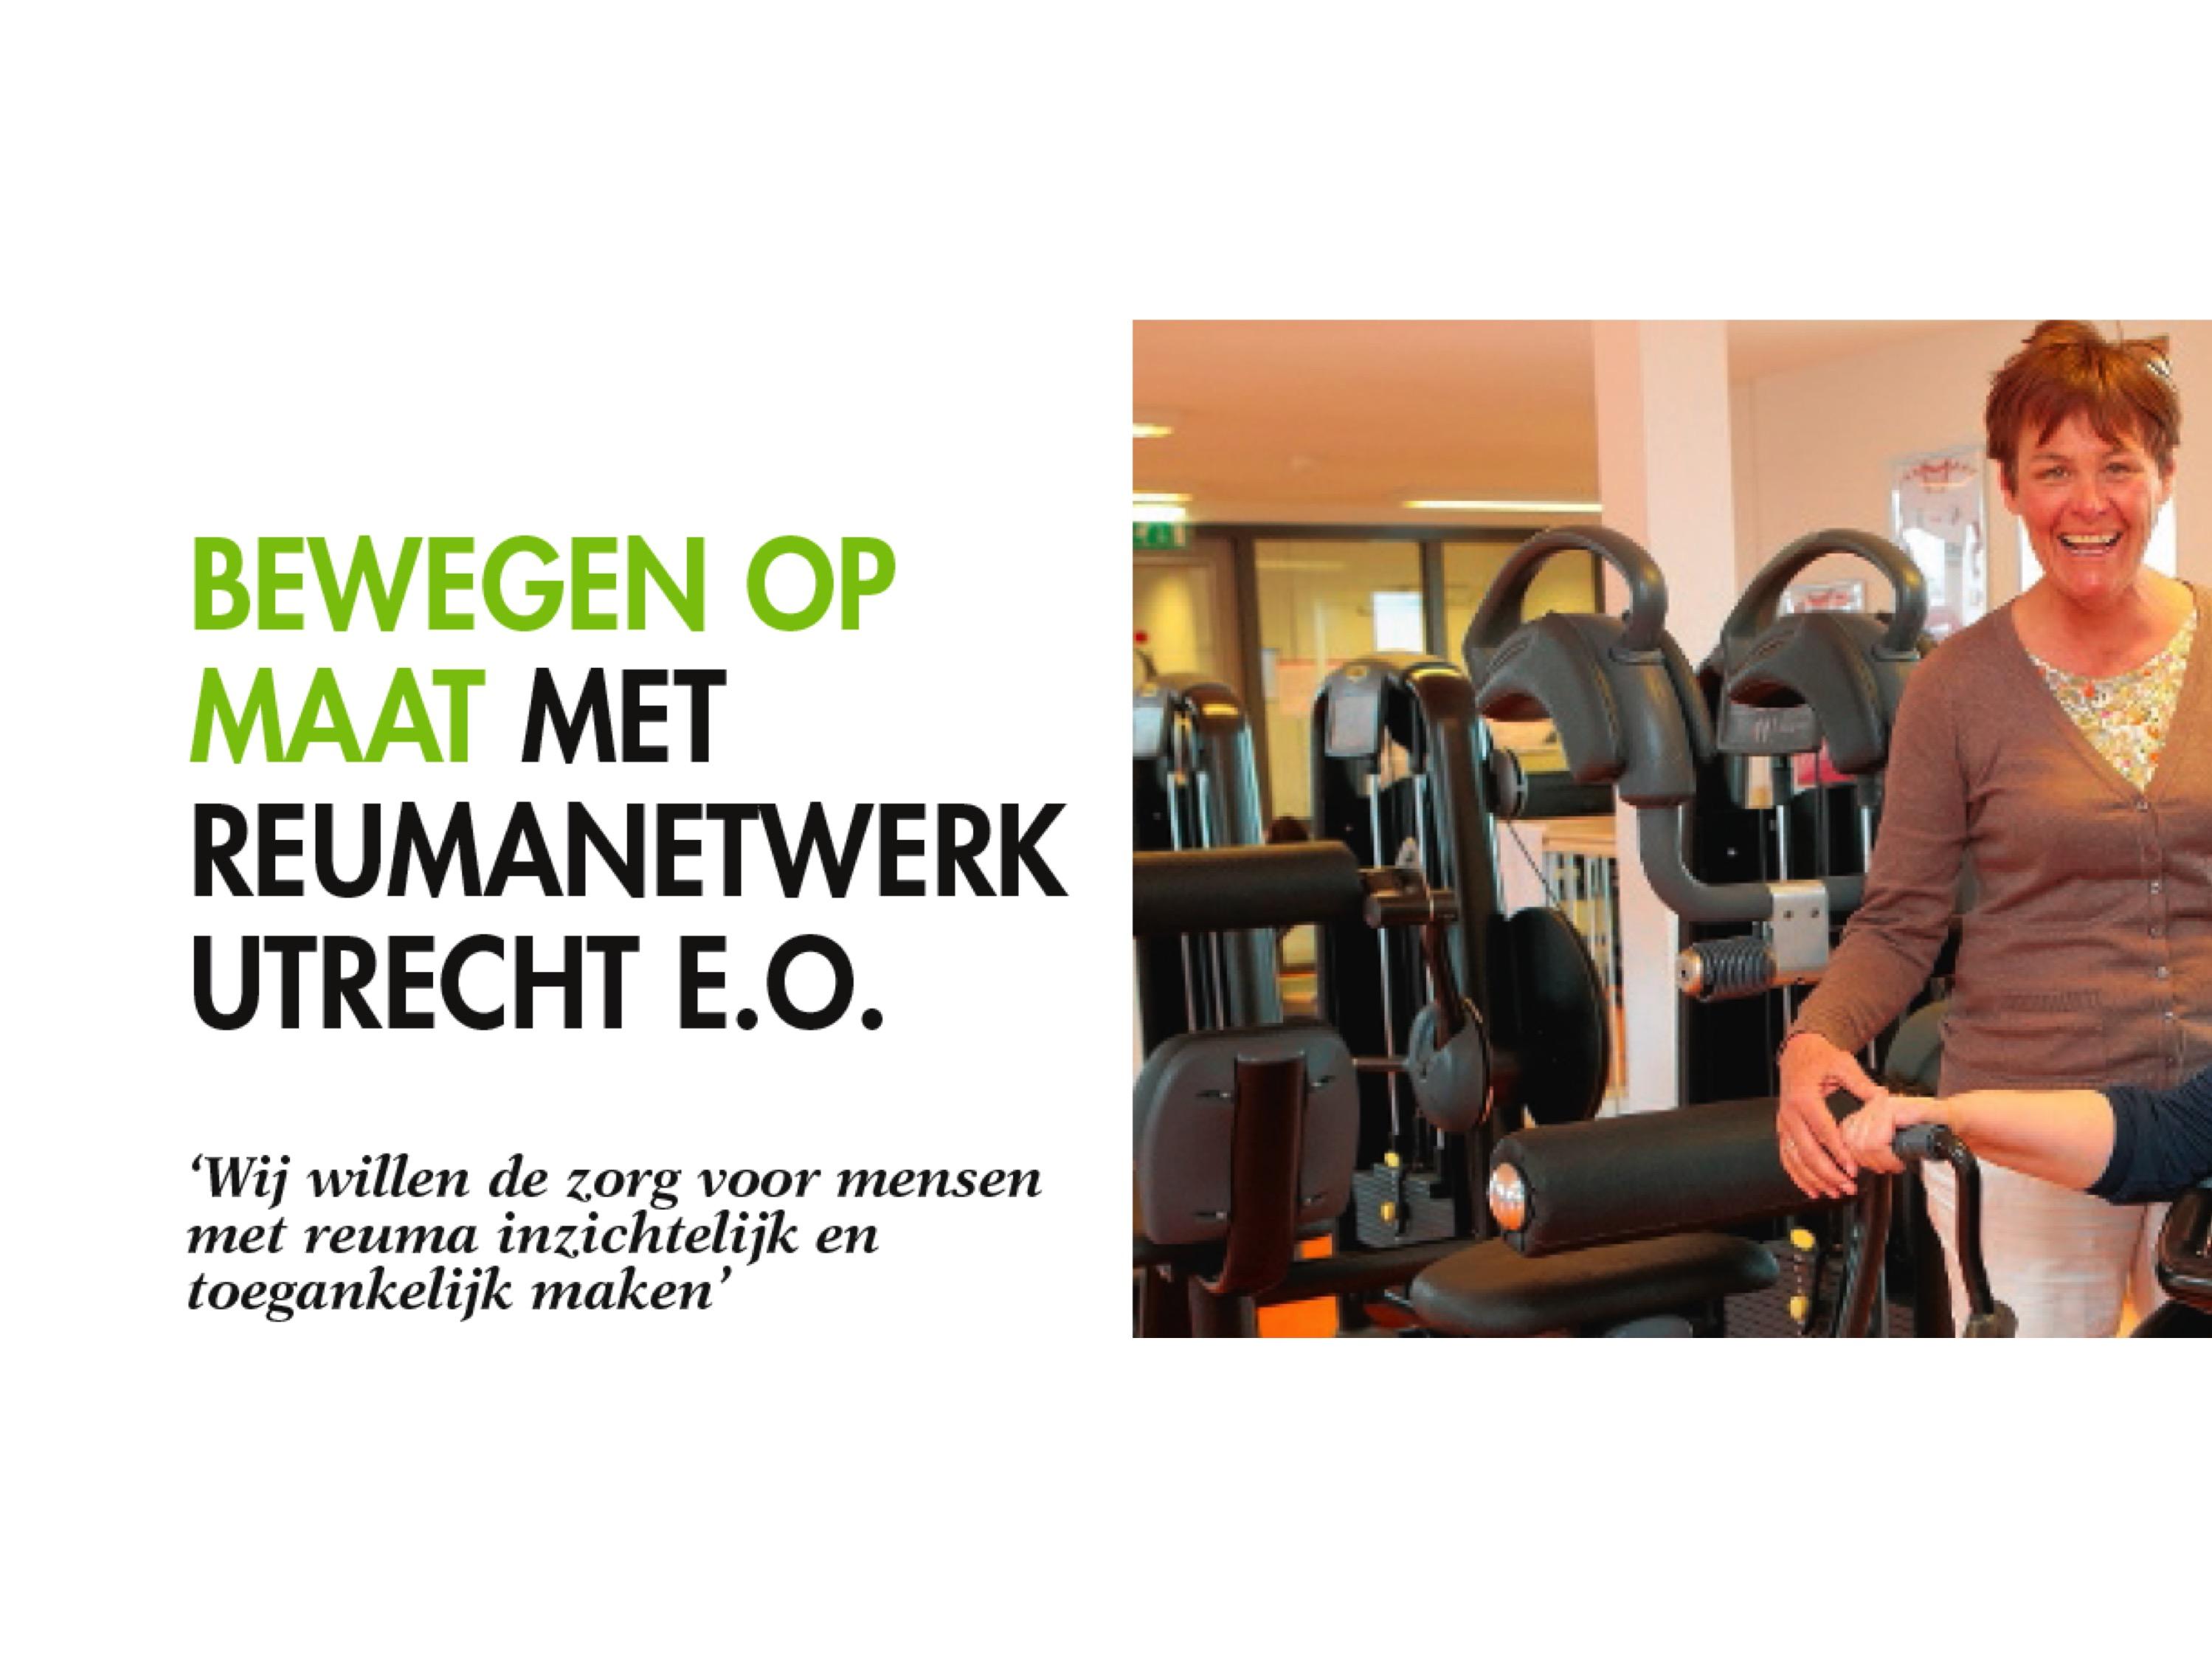 Fysiotherapie Utrecht Oost Reuma netwerk